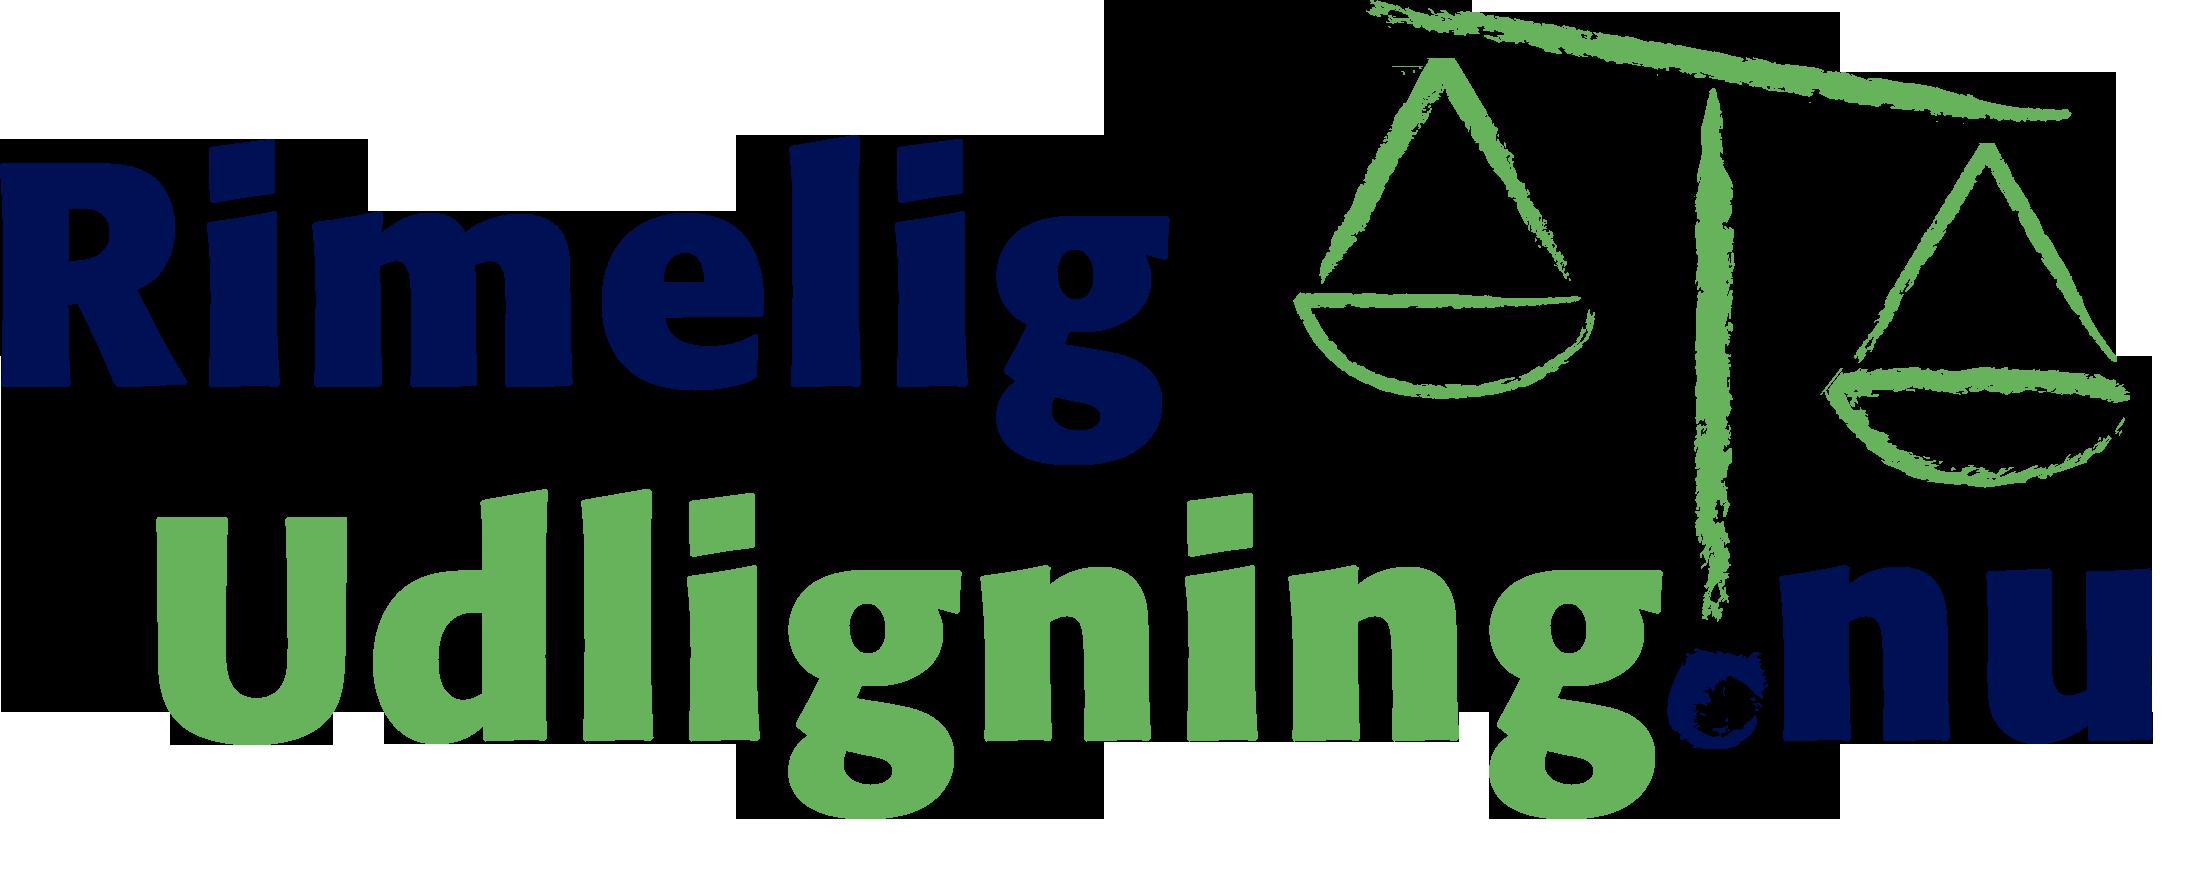 Rimelig udlingning logo